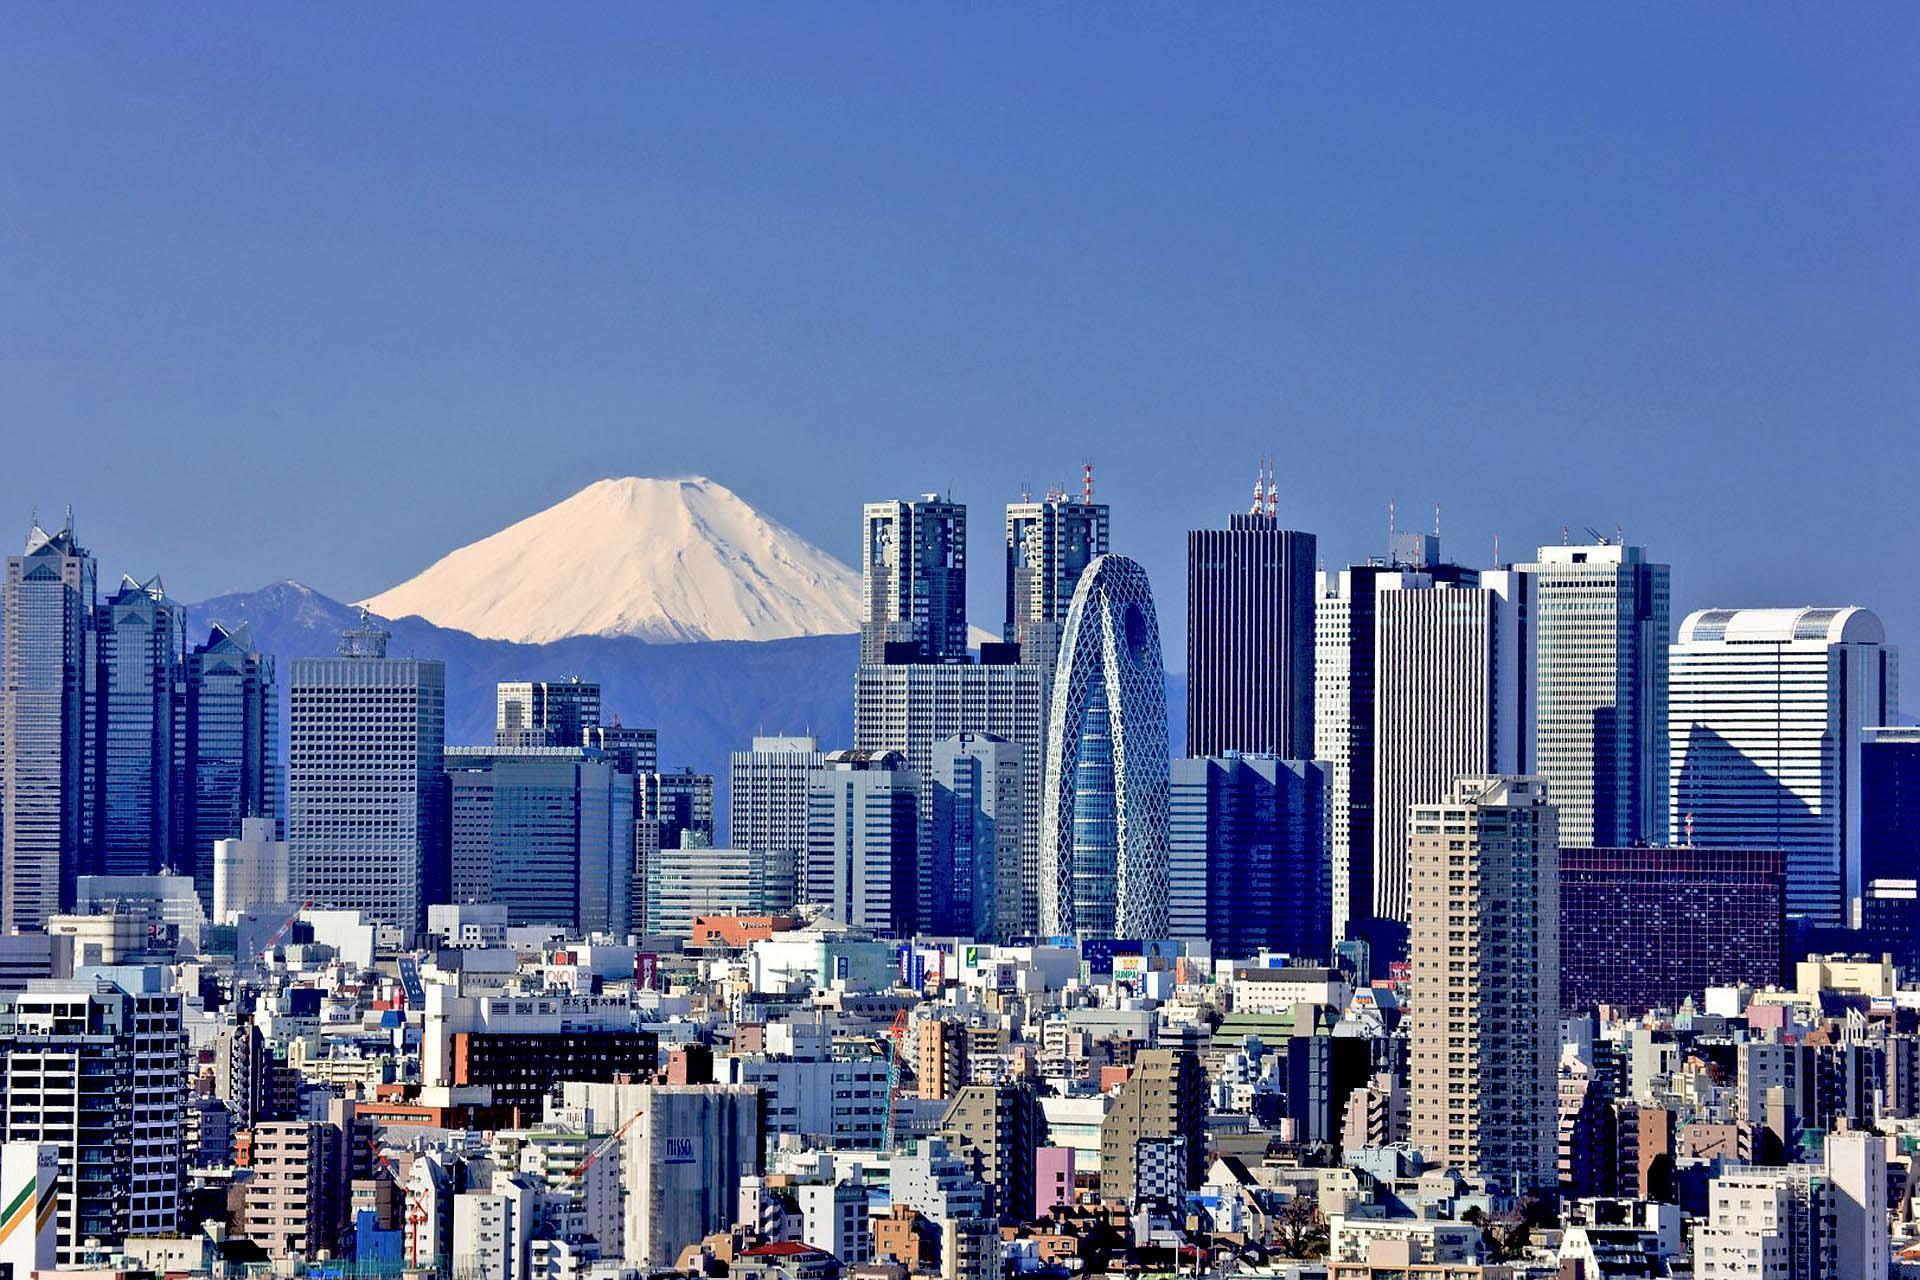 Un tuffo nel futuro dell'architettura? A Tokyo